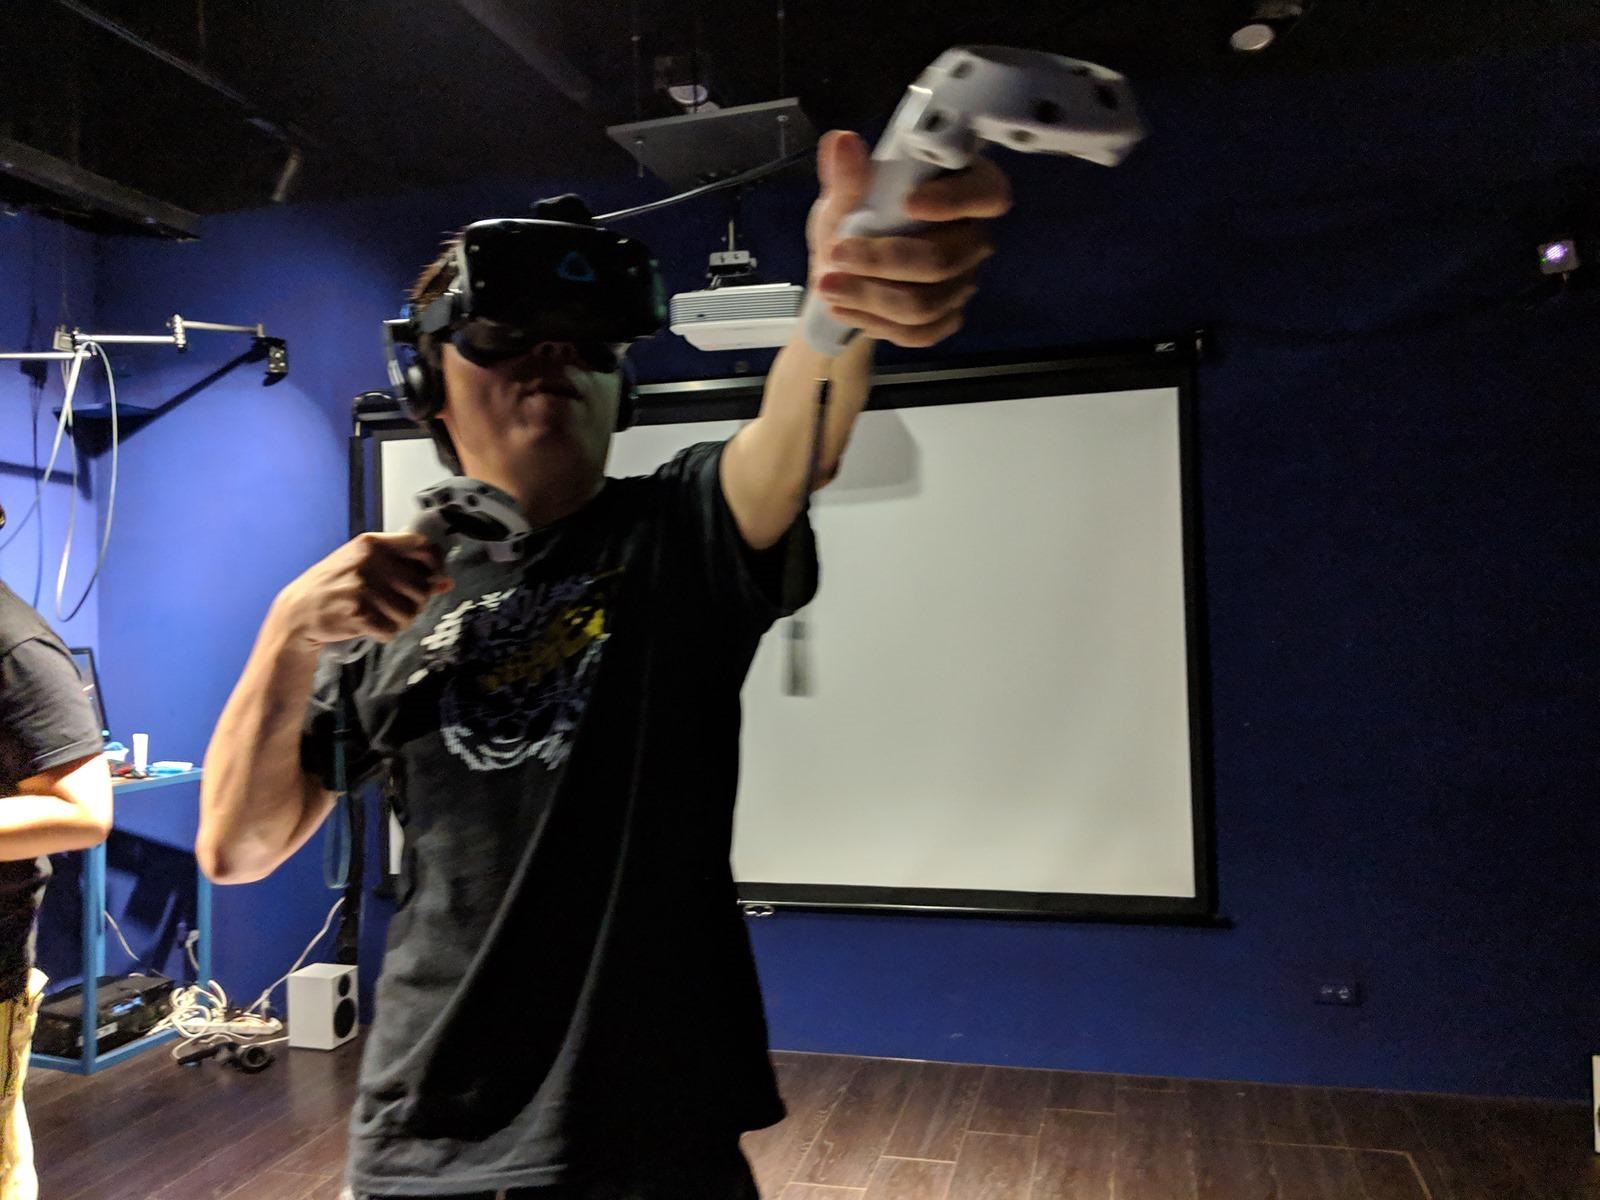 最強 VR 版密室逃脫『穿越梅杜莎之門』古希臘虛擬實境超爽快! @3C 達人廖阿輝